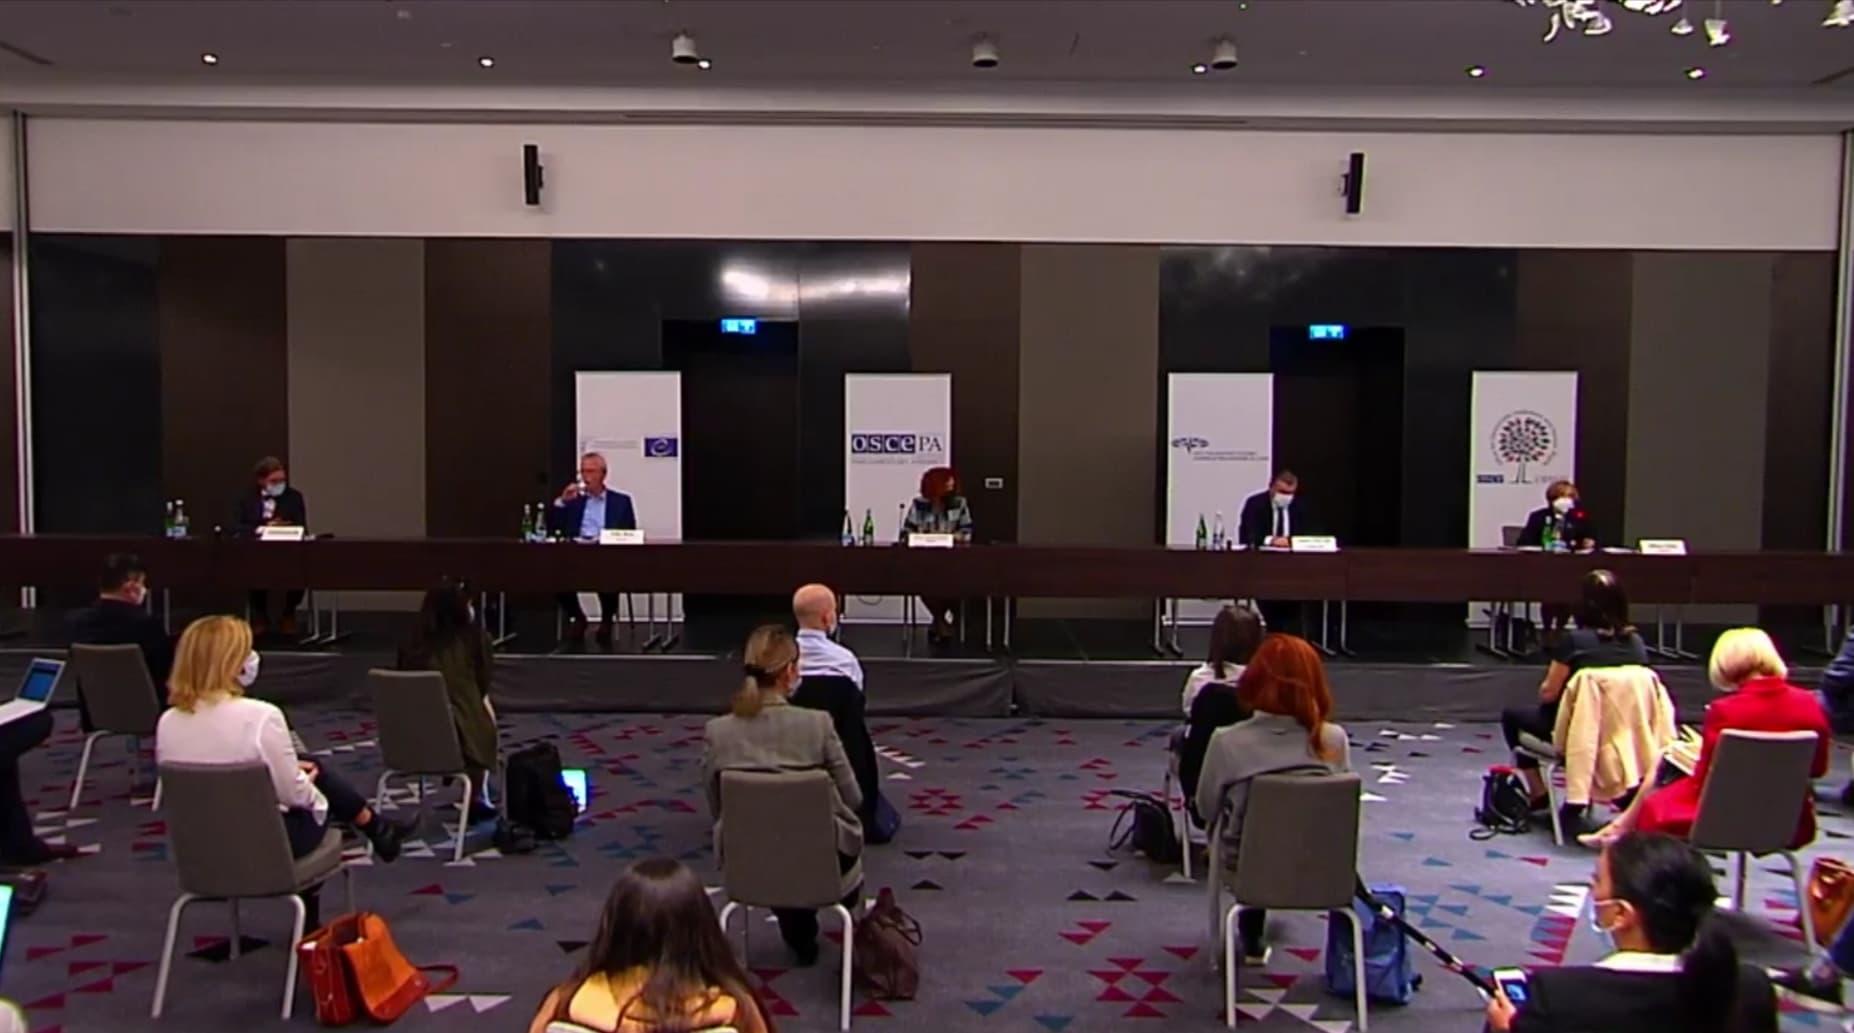 OSCE ODHIR ecelctions2020 georgia #новости Выборы 2020, Грузия, ОБСЕ